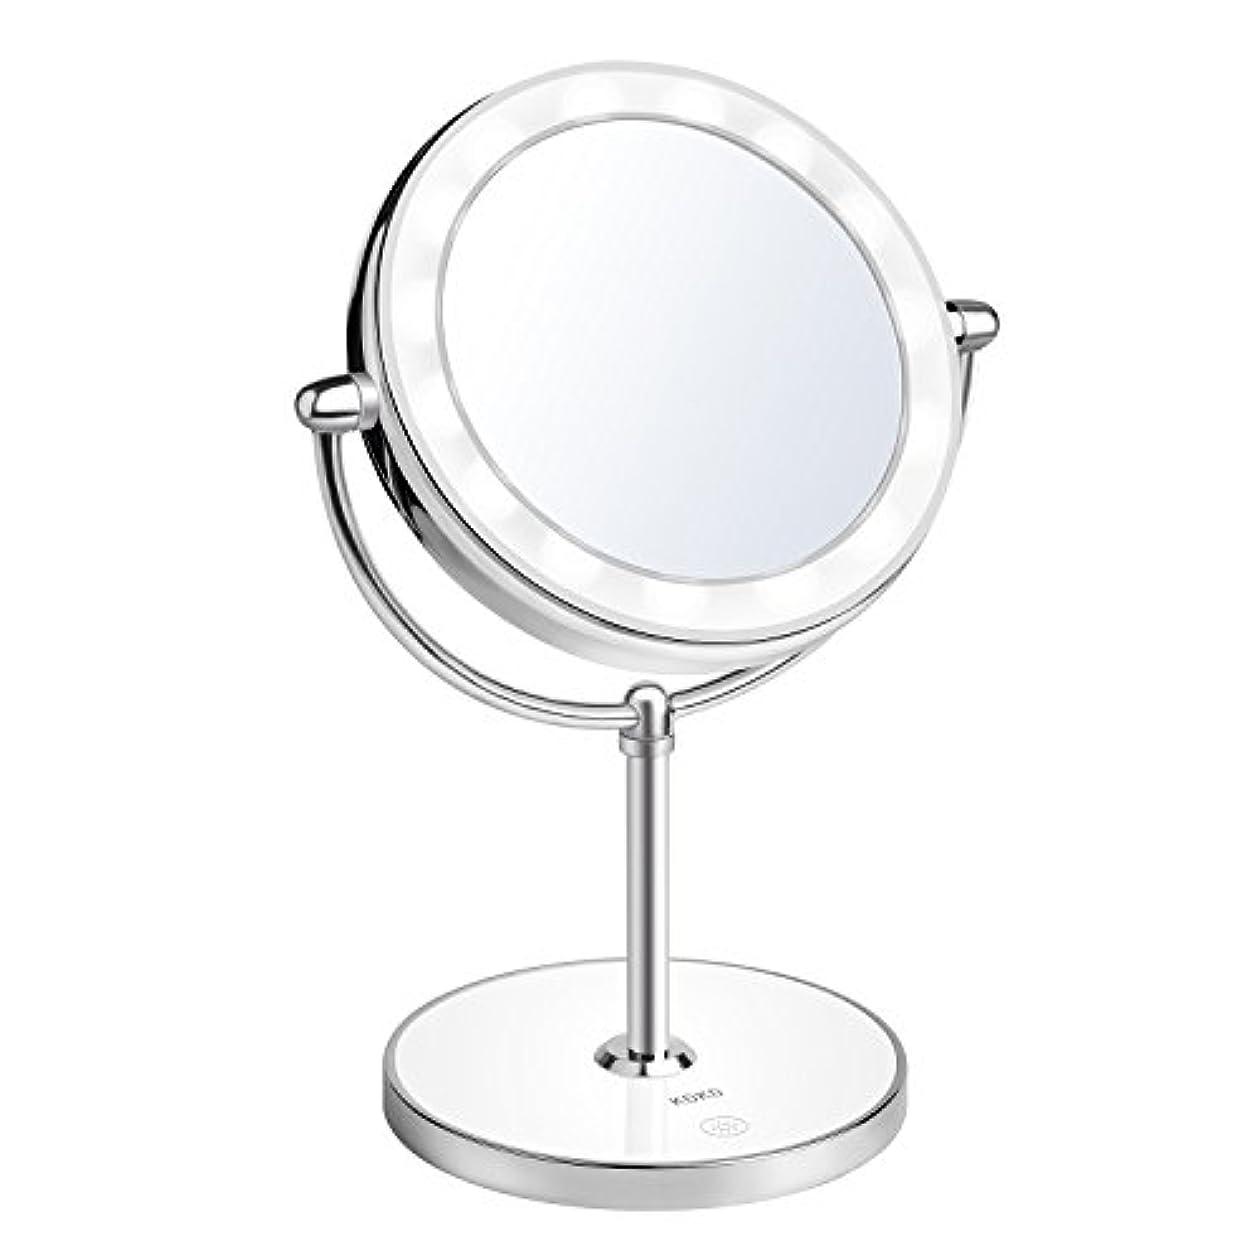 匿名経過九時四十五分KDKD LED光る ライト付き化粧鏡 回転式 1X 及び7倍率ミラー タッチ制御で調光可能 ライト付きメイクアップミラー コードレス 卓上鏡  スタンドミラー 充電式両面化粧鏡 銀色